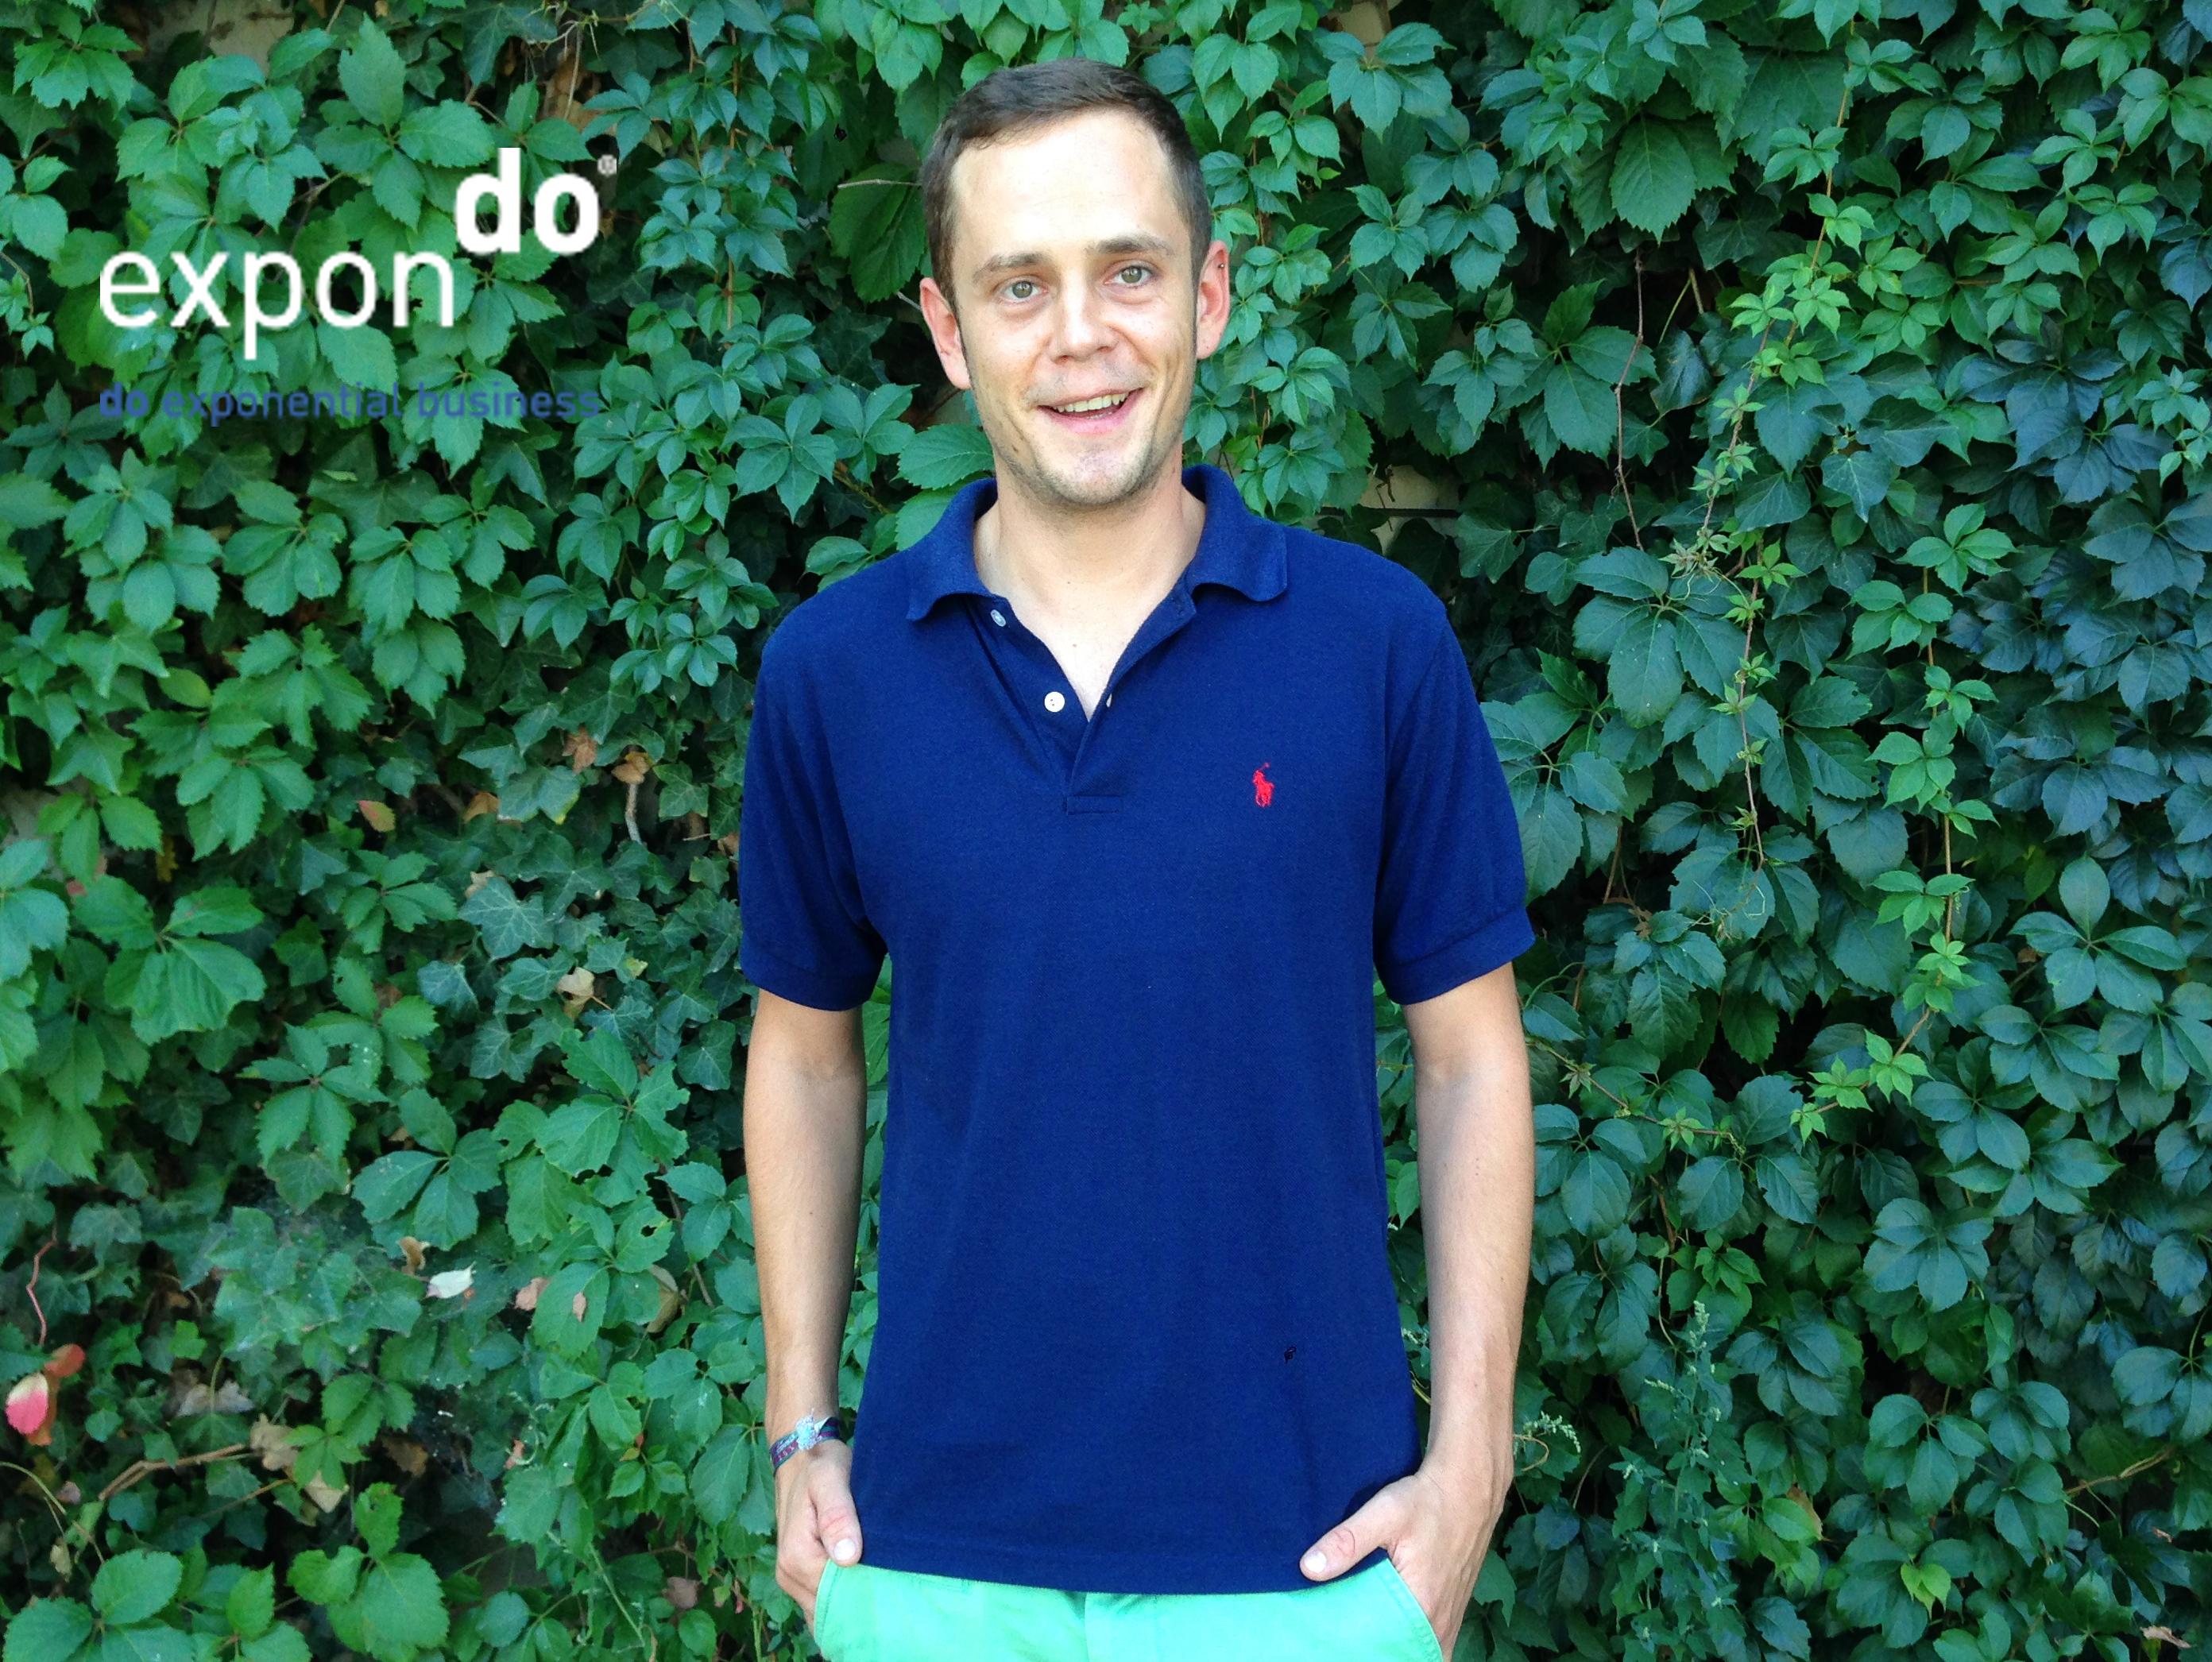 Werkstudent Timo bei expondo im Interview